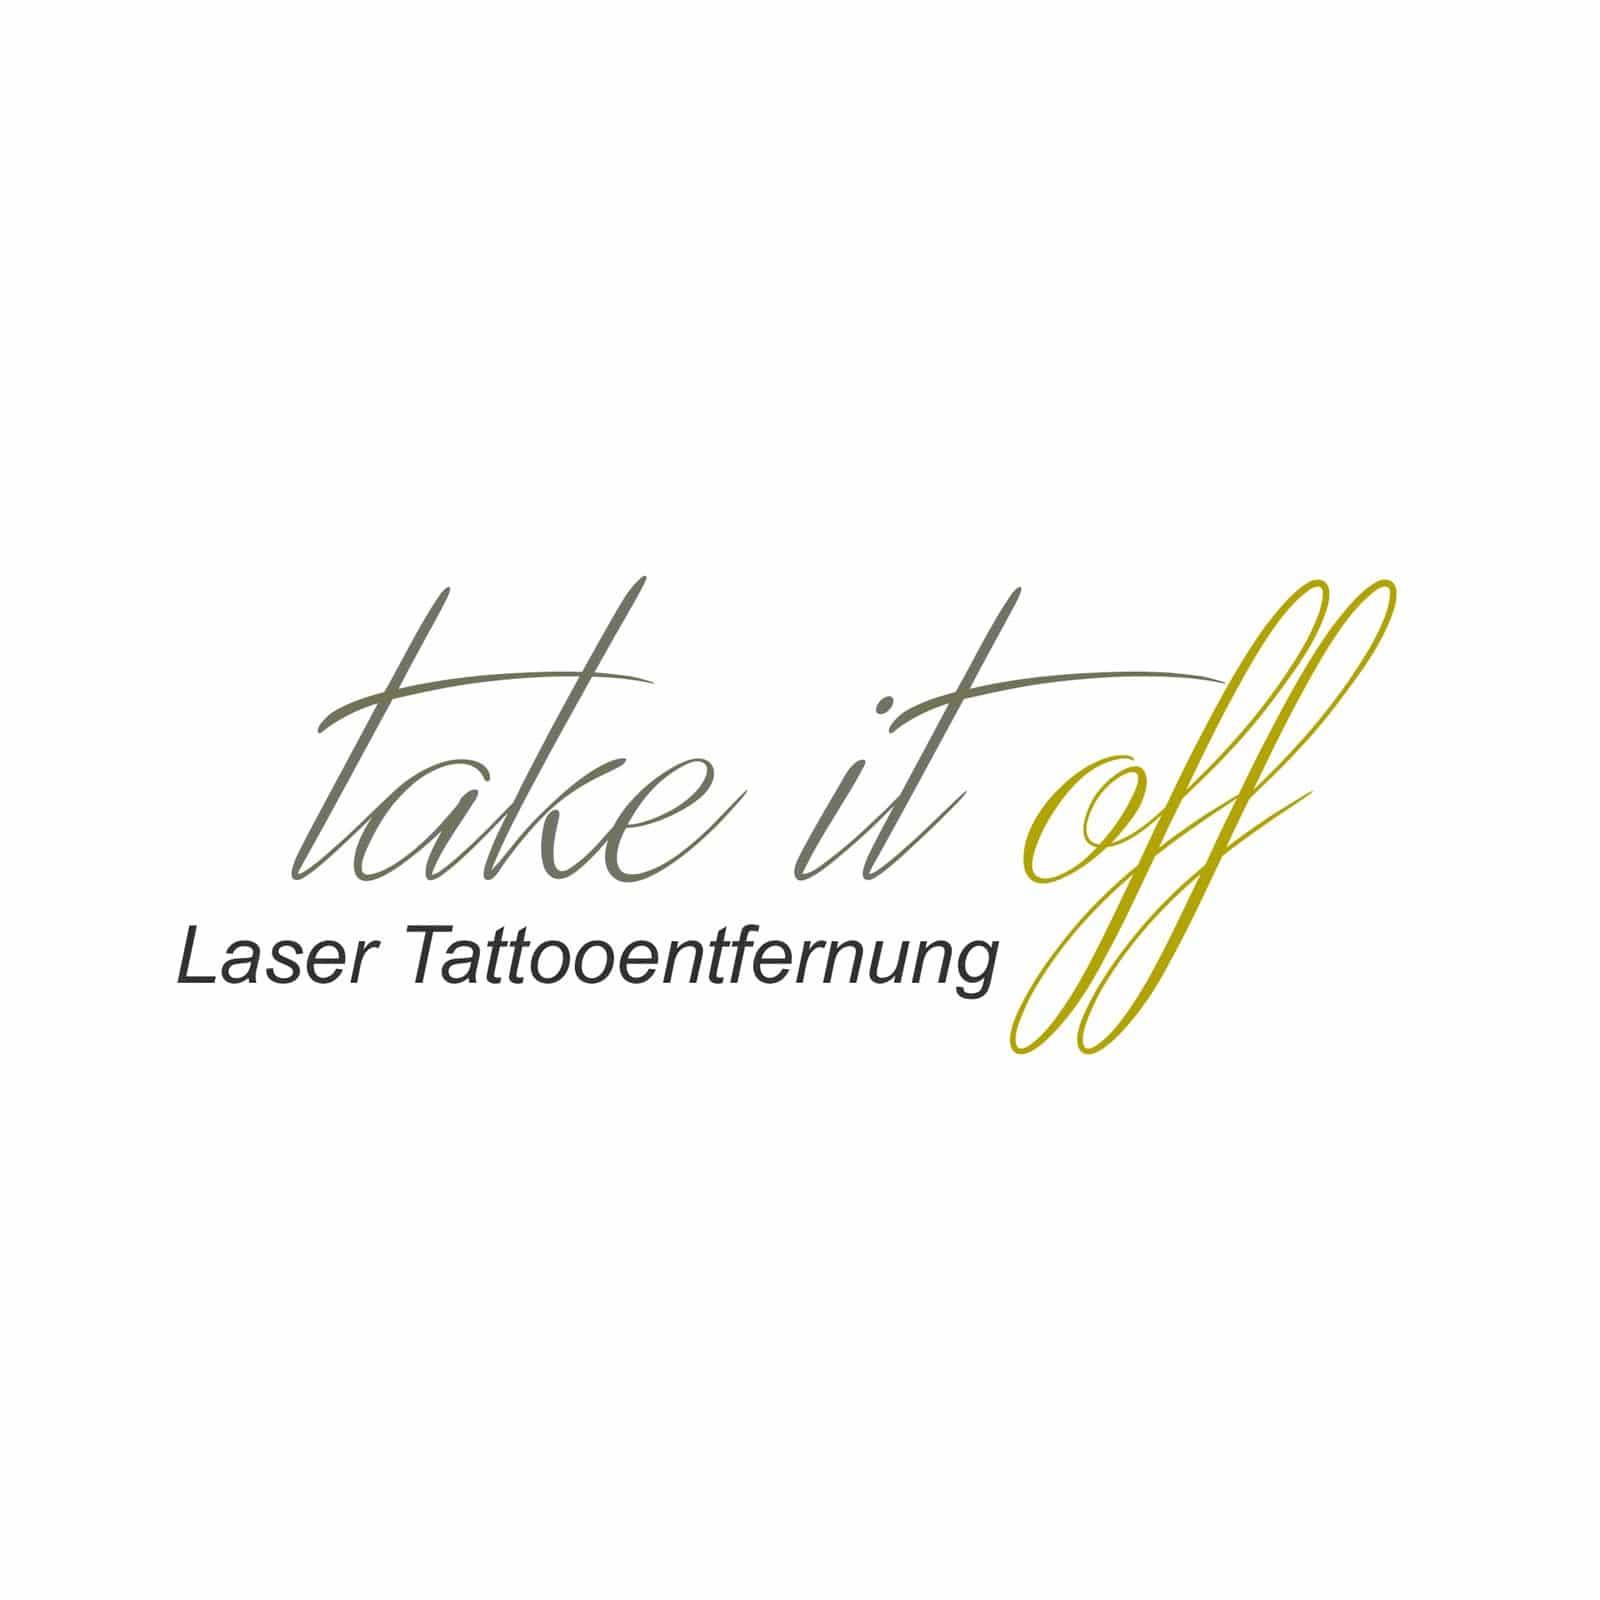 take-it-off-logo-esslingen-am-neckar-kirchheim-liebespixel